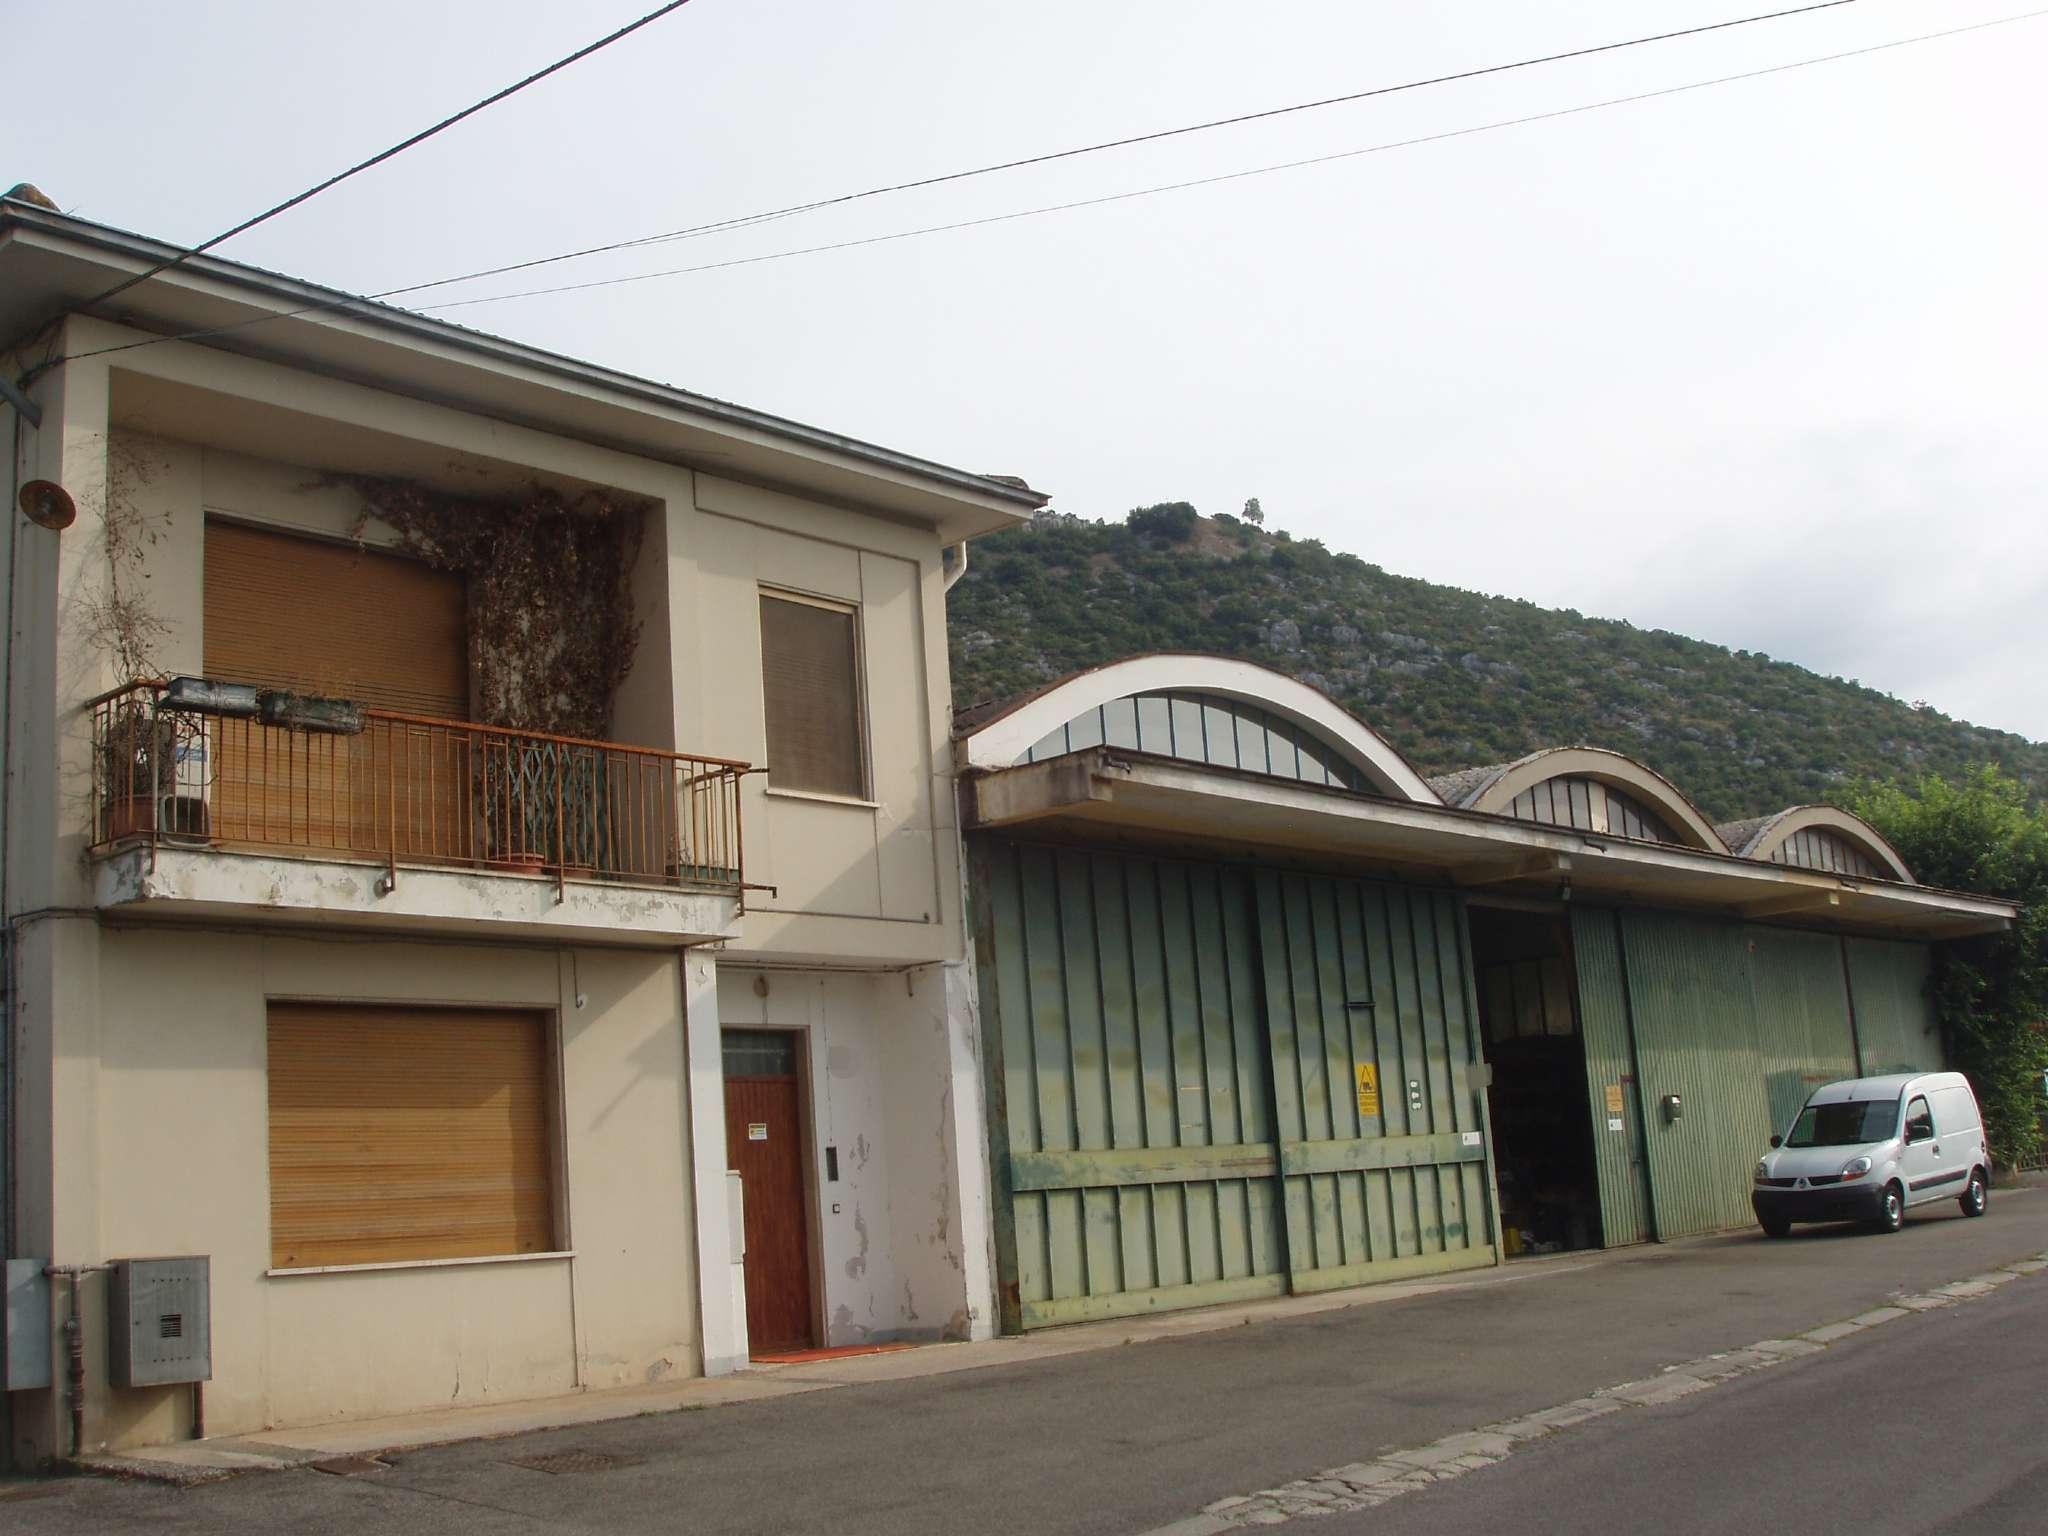 Capannone in vendita a Mazzano, 9999 locali, prezzo € 388.000 | PortaleAgenzieImmobiliari.it